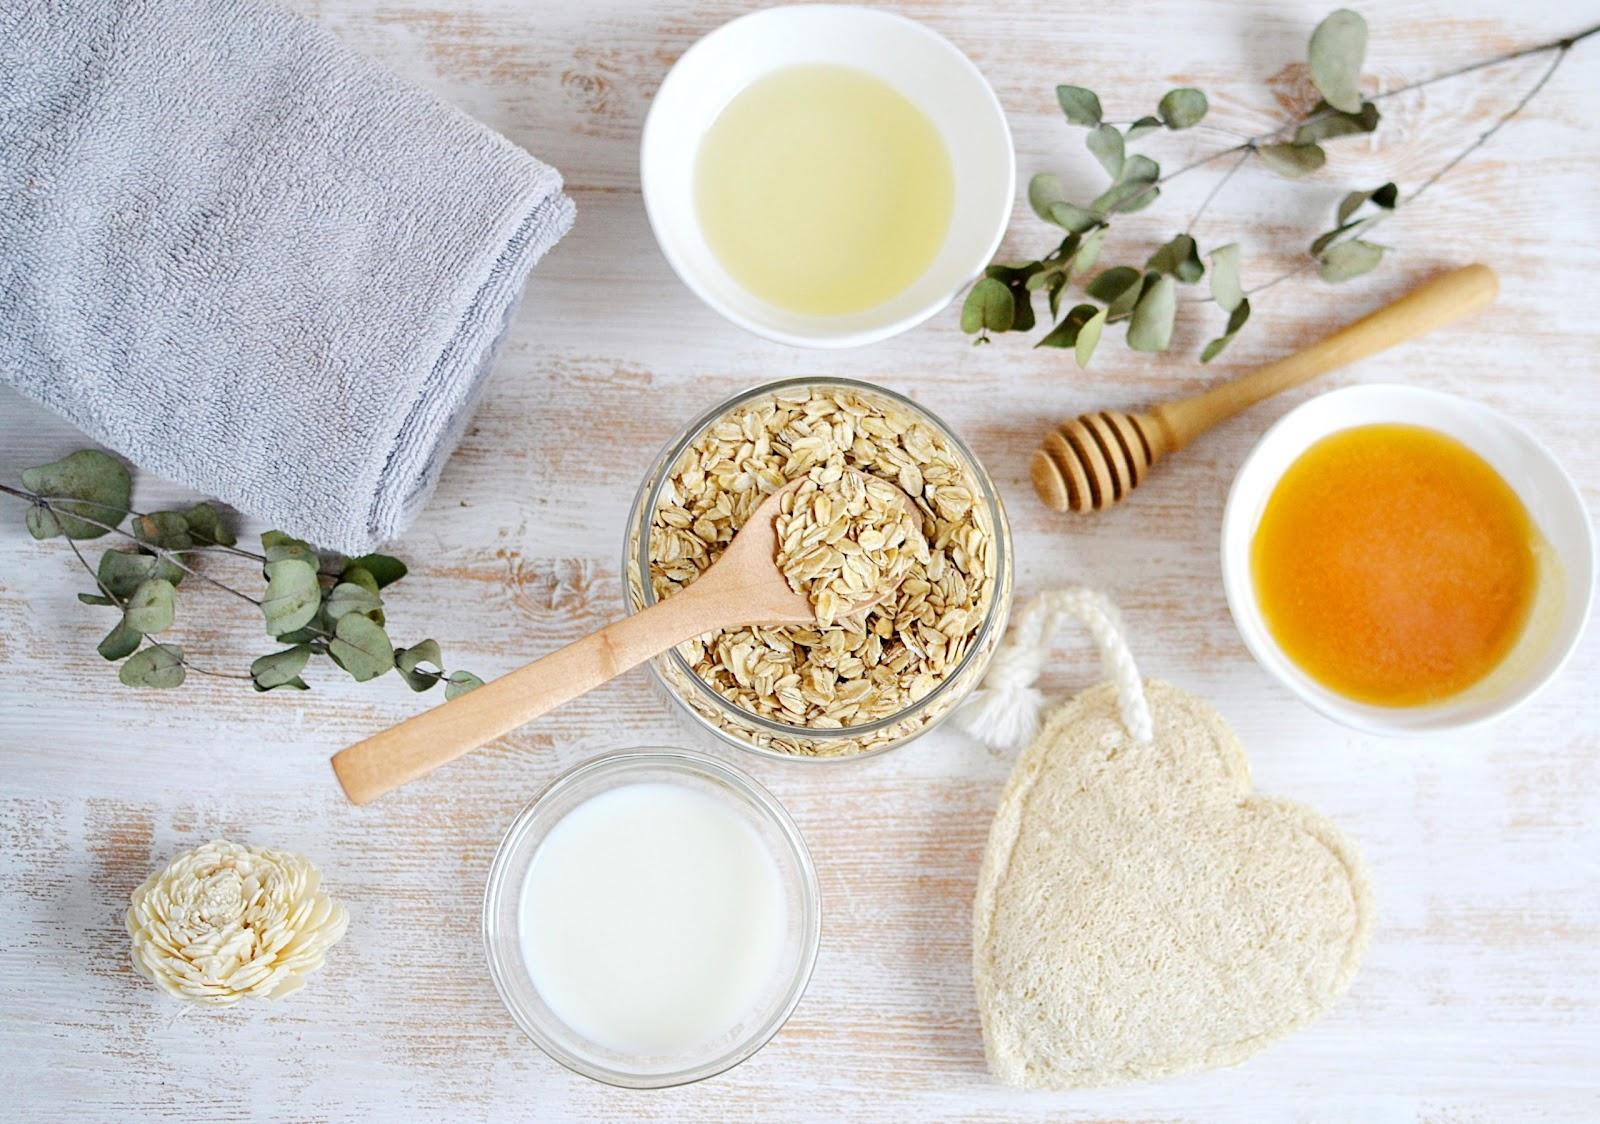 cách làm tóc mềm mượt bằng Sữa gạo và mật ong